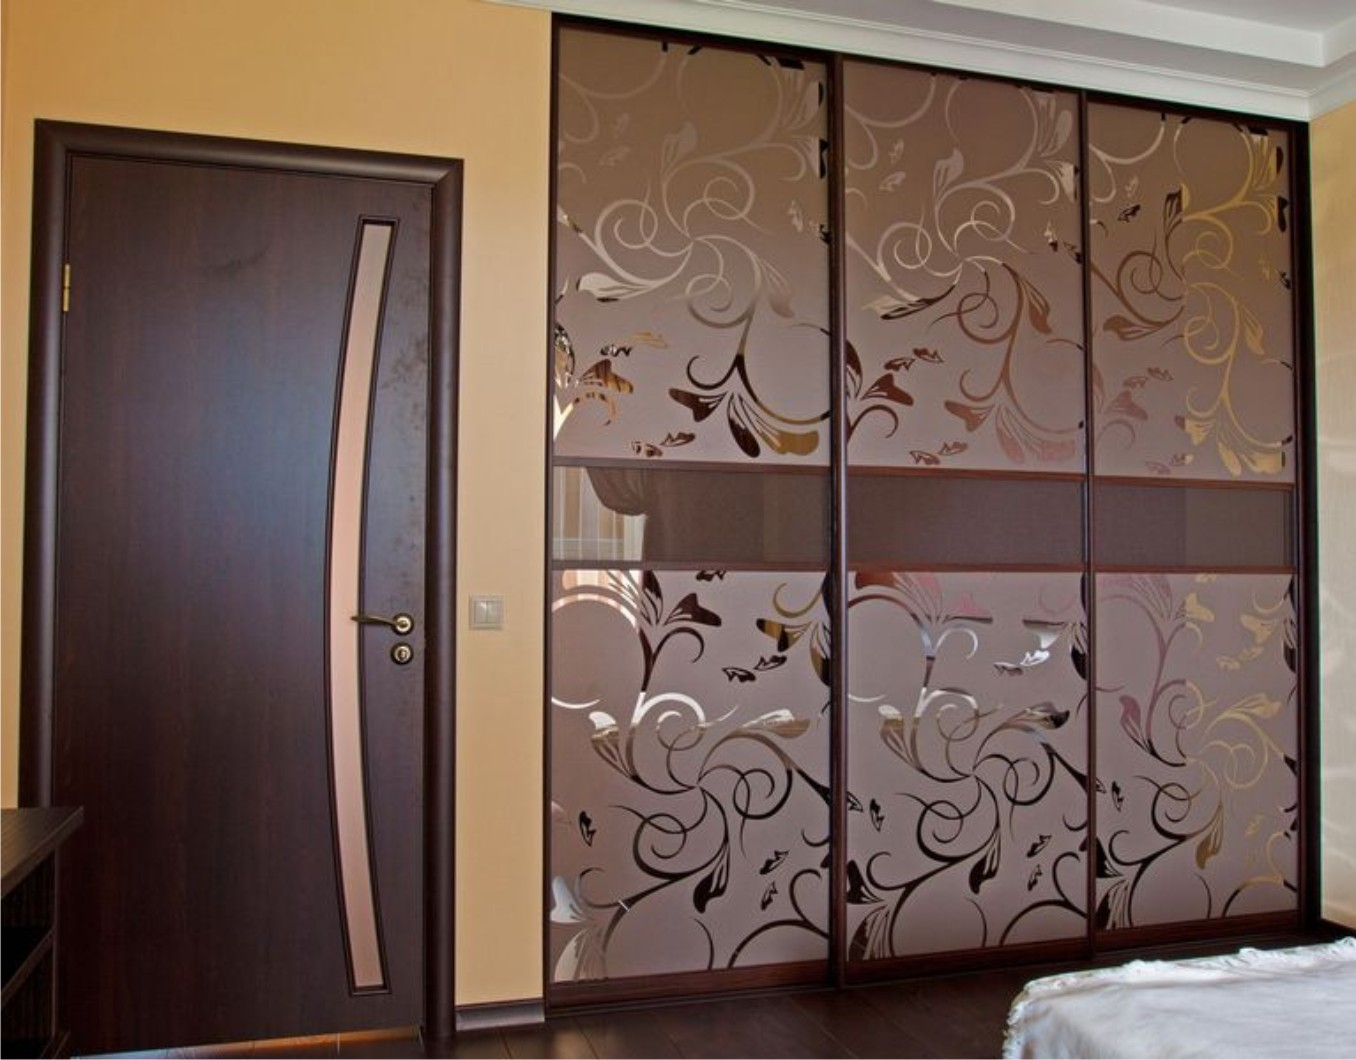 Двери купе для встроенного шкафа, плюсы и минусы, способы де.